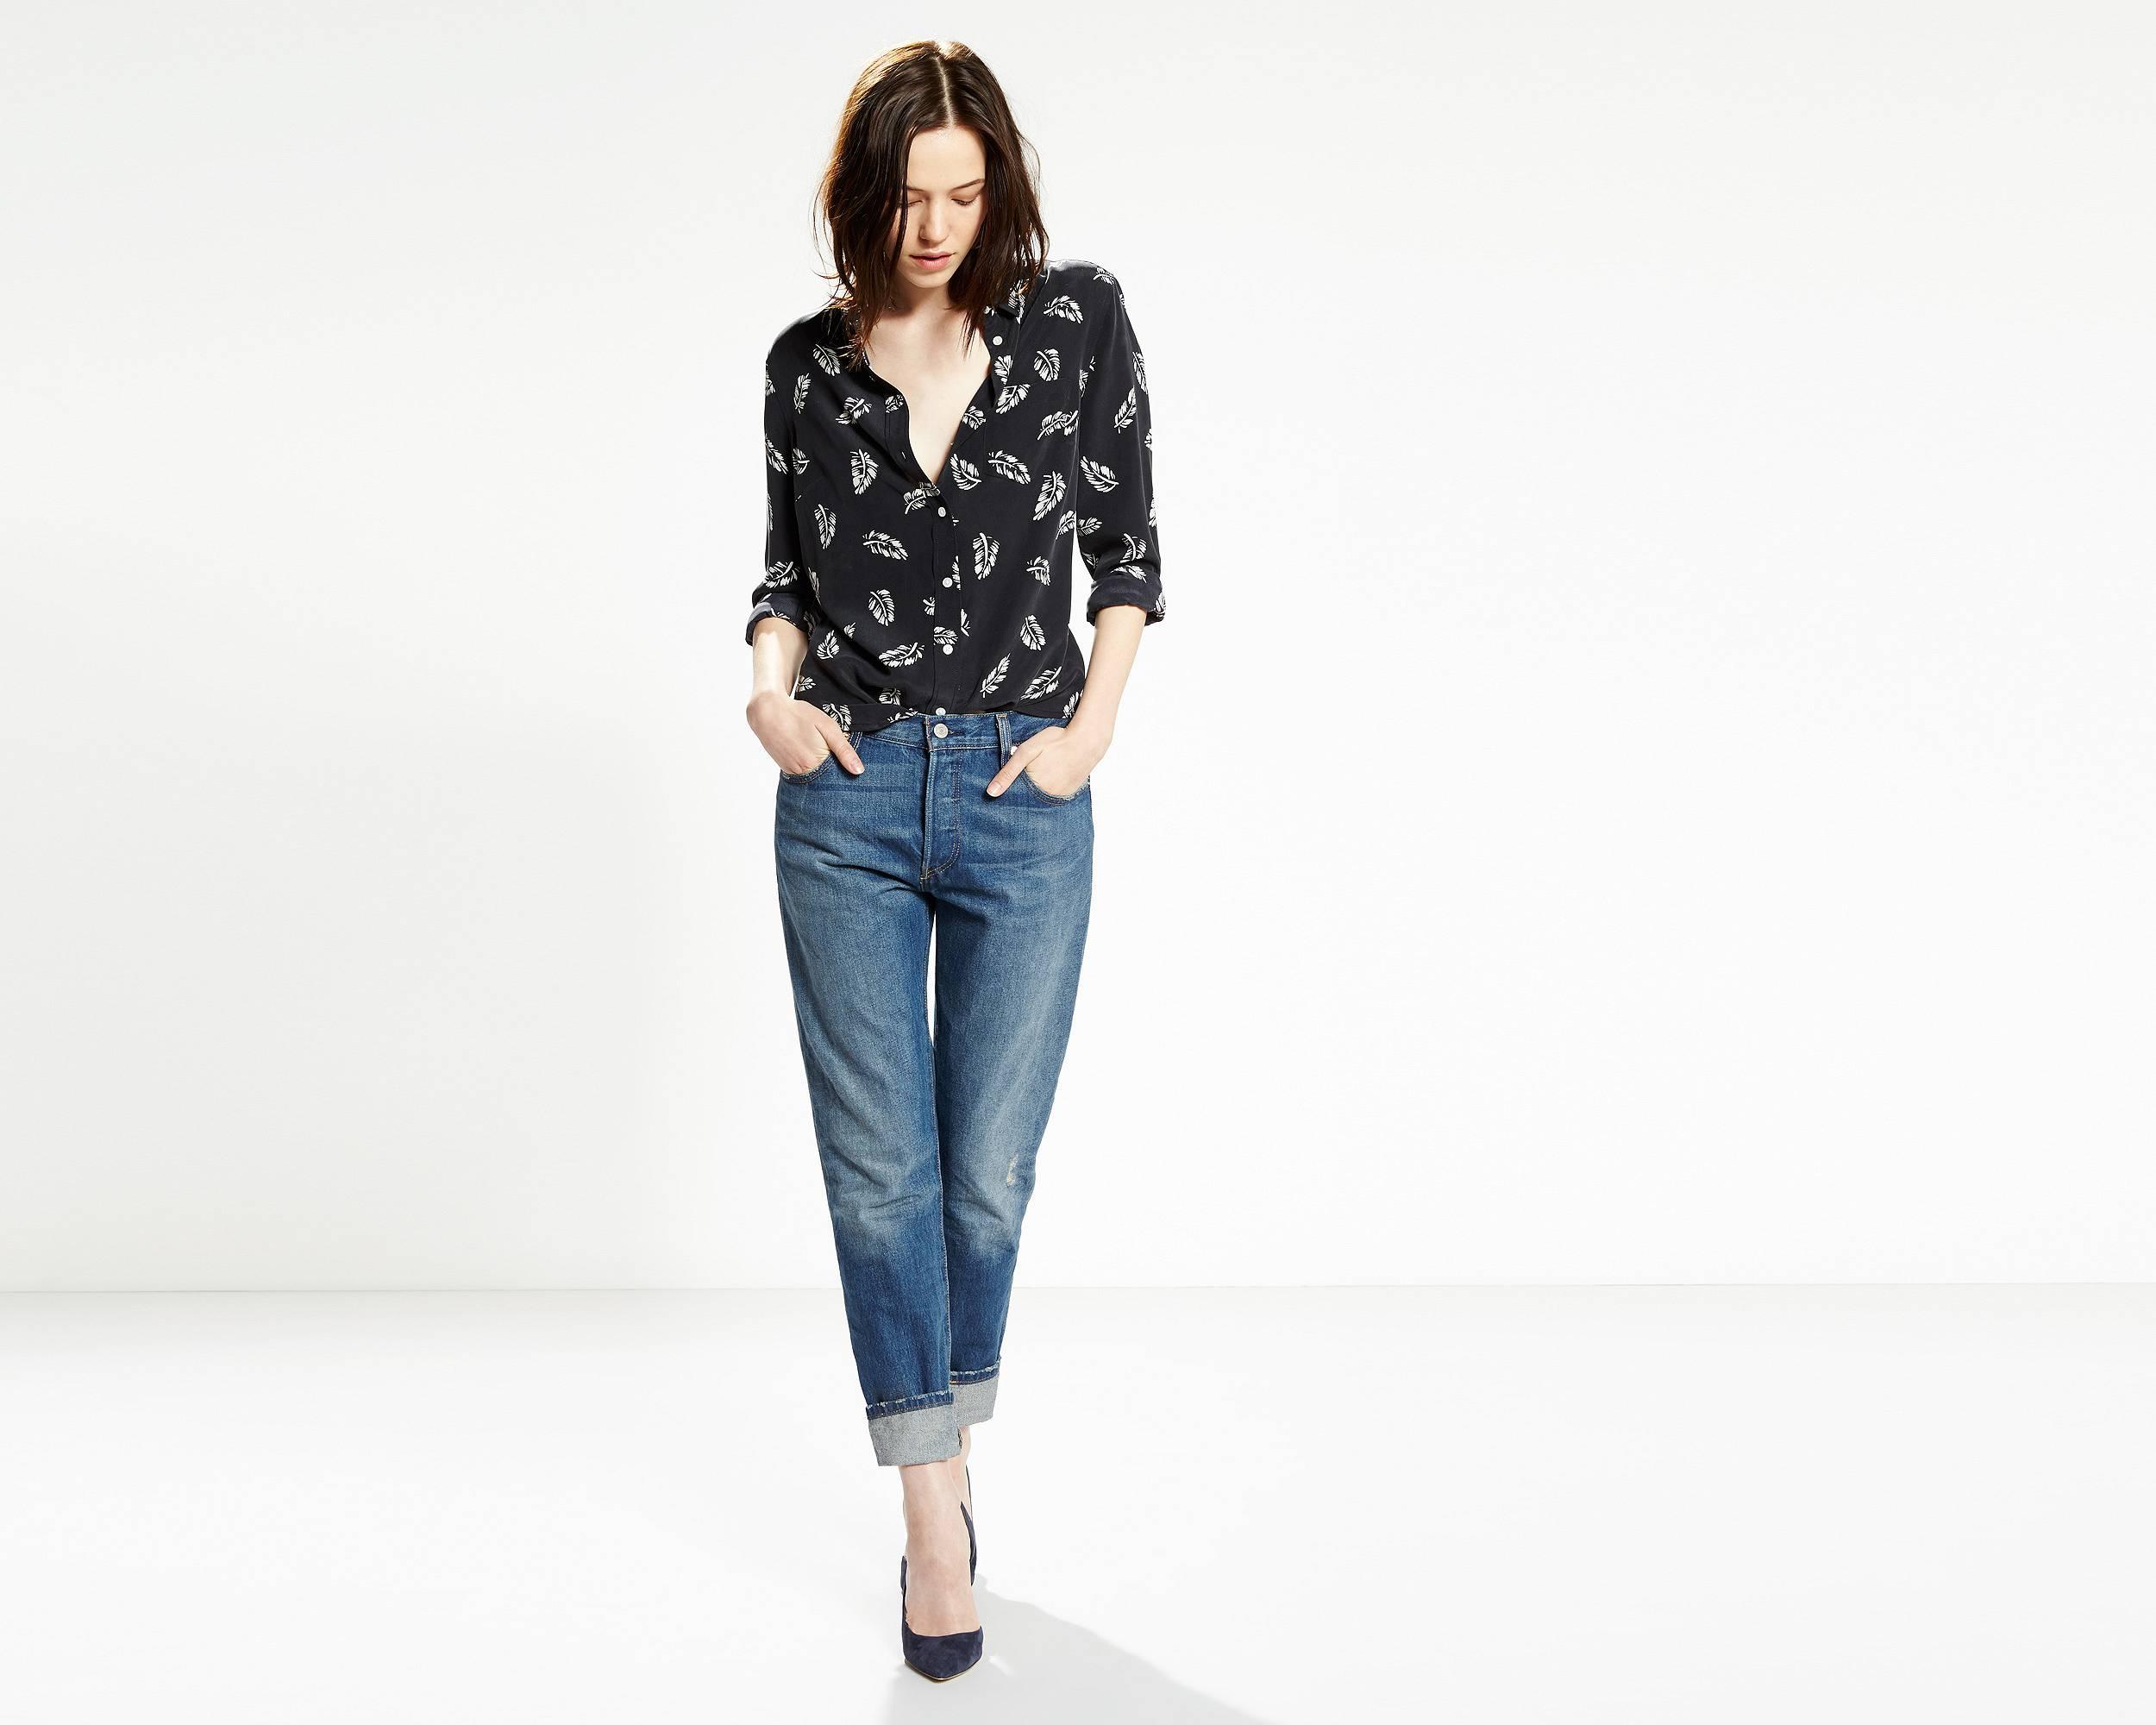 501 ct jeans for women cali cool levi 39 s france fr. Black Bedroom Furniture Sets. Home Design Ideas